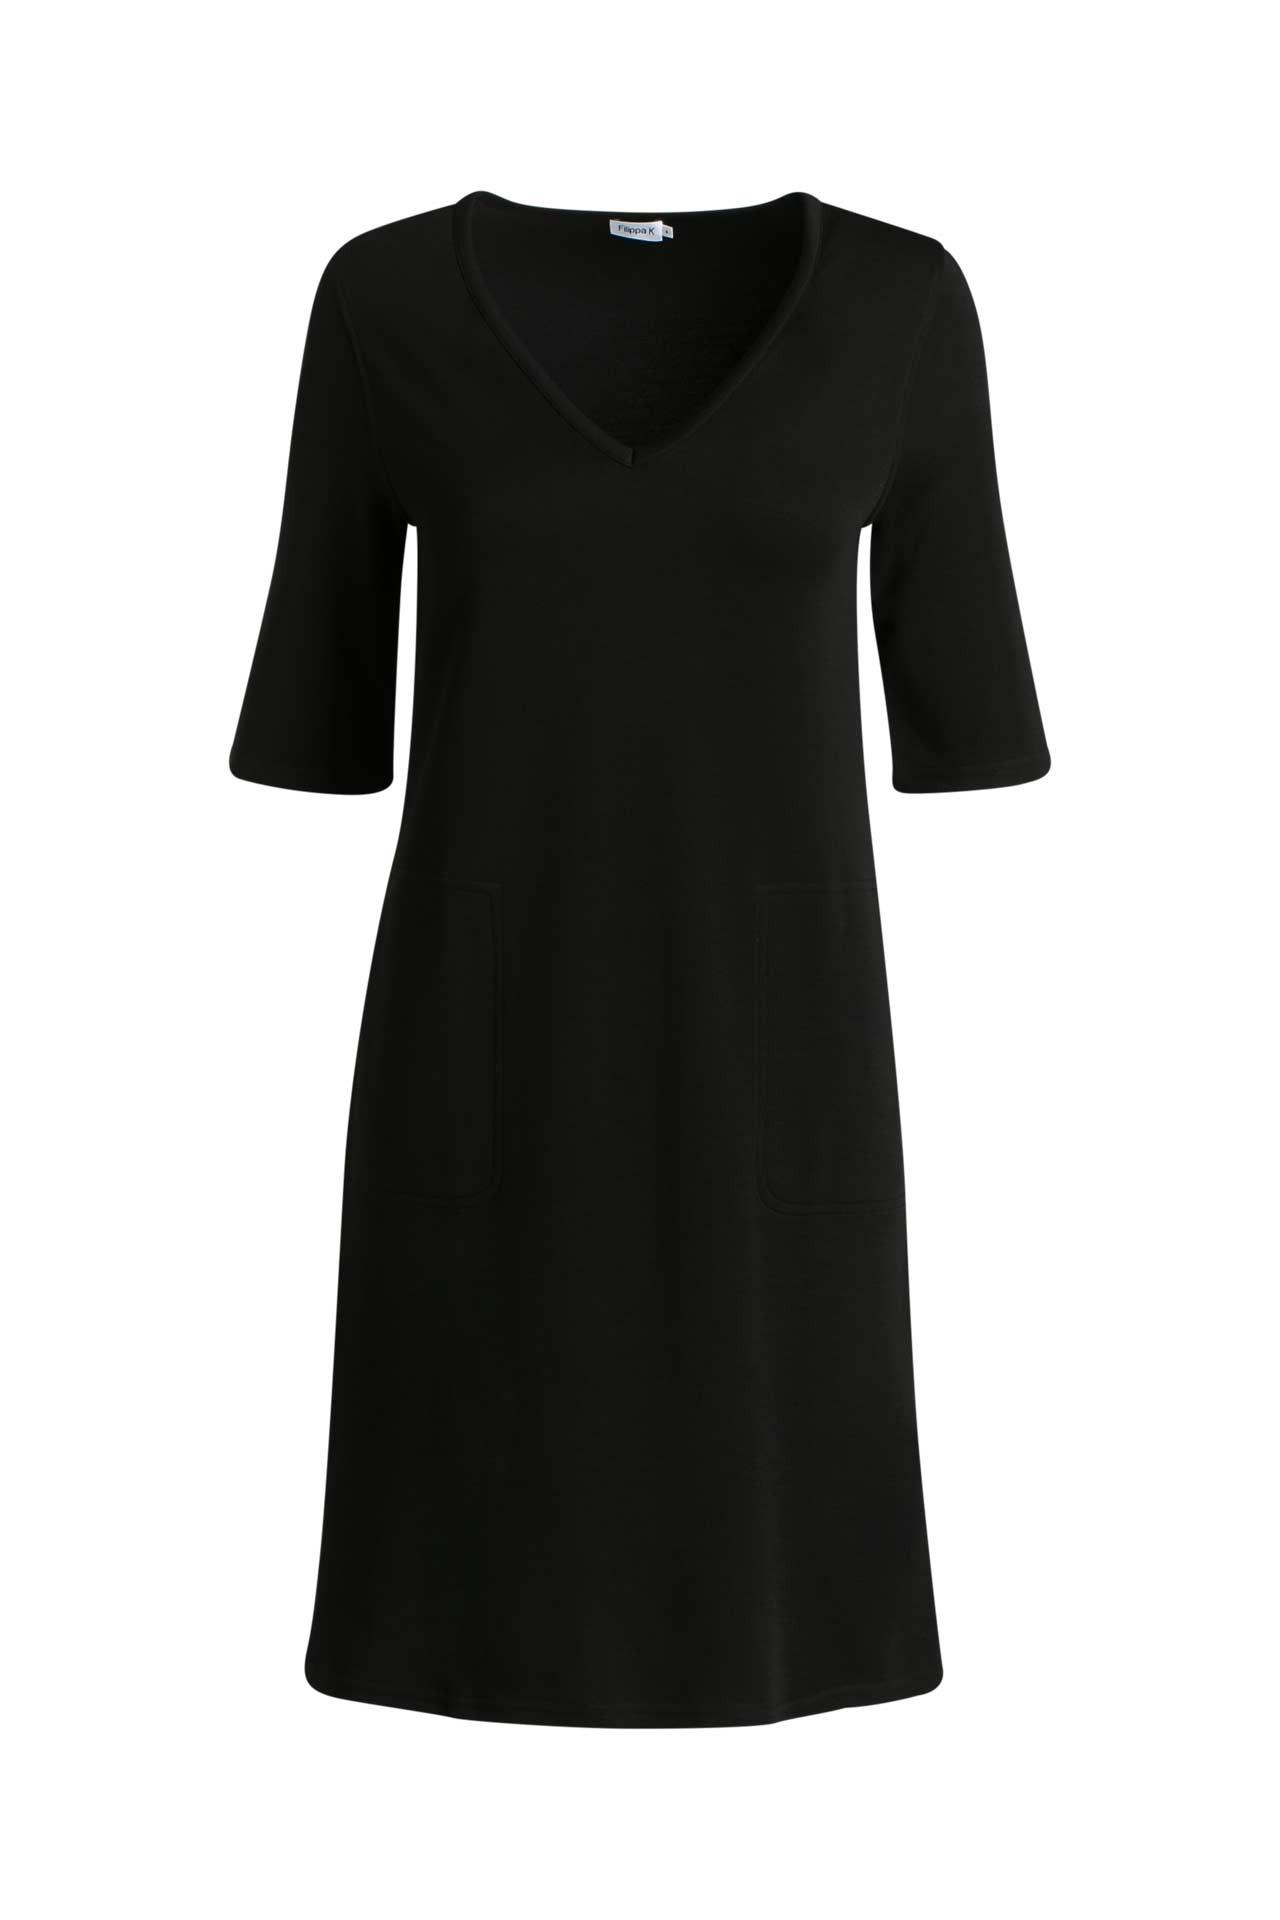 Jerseykleid Schwarz  Filippa K » Günstig Online Kaufen